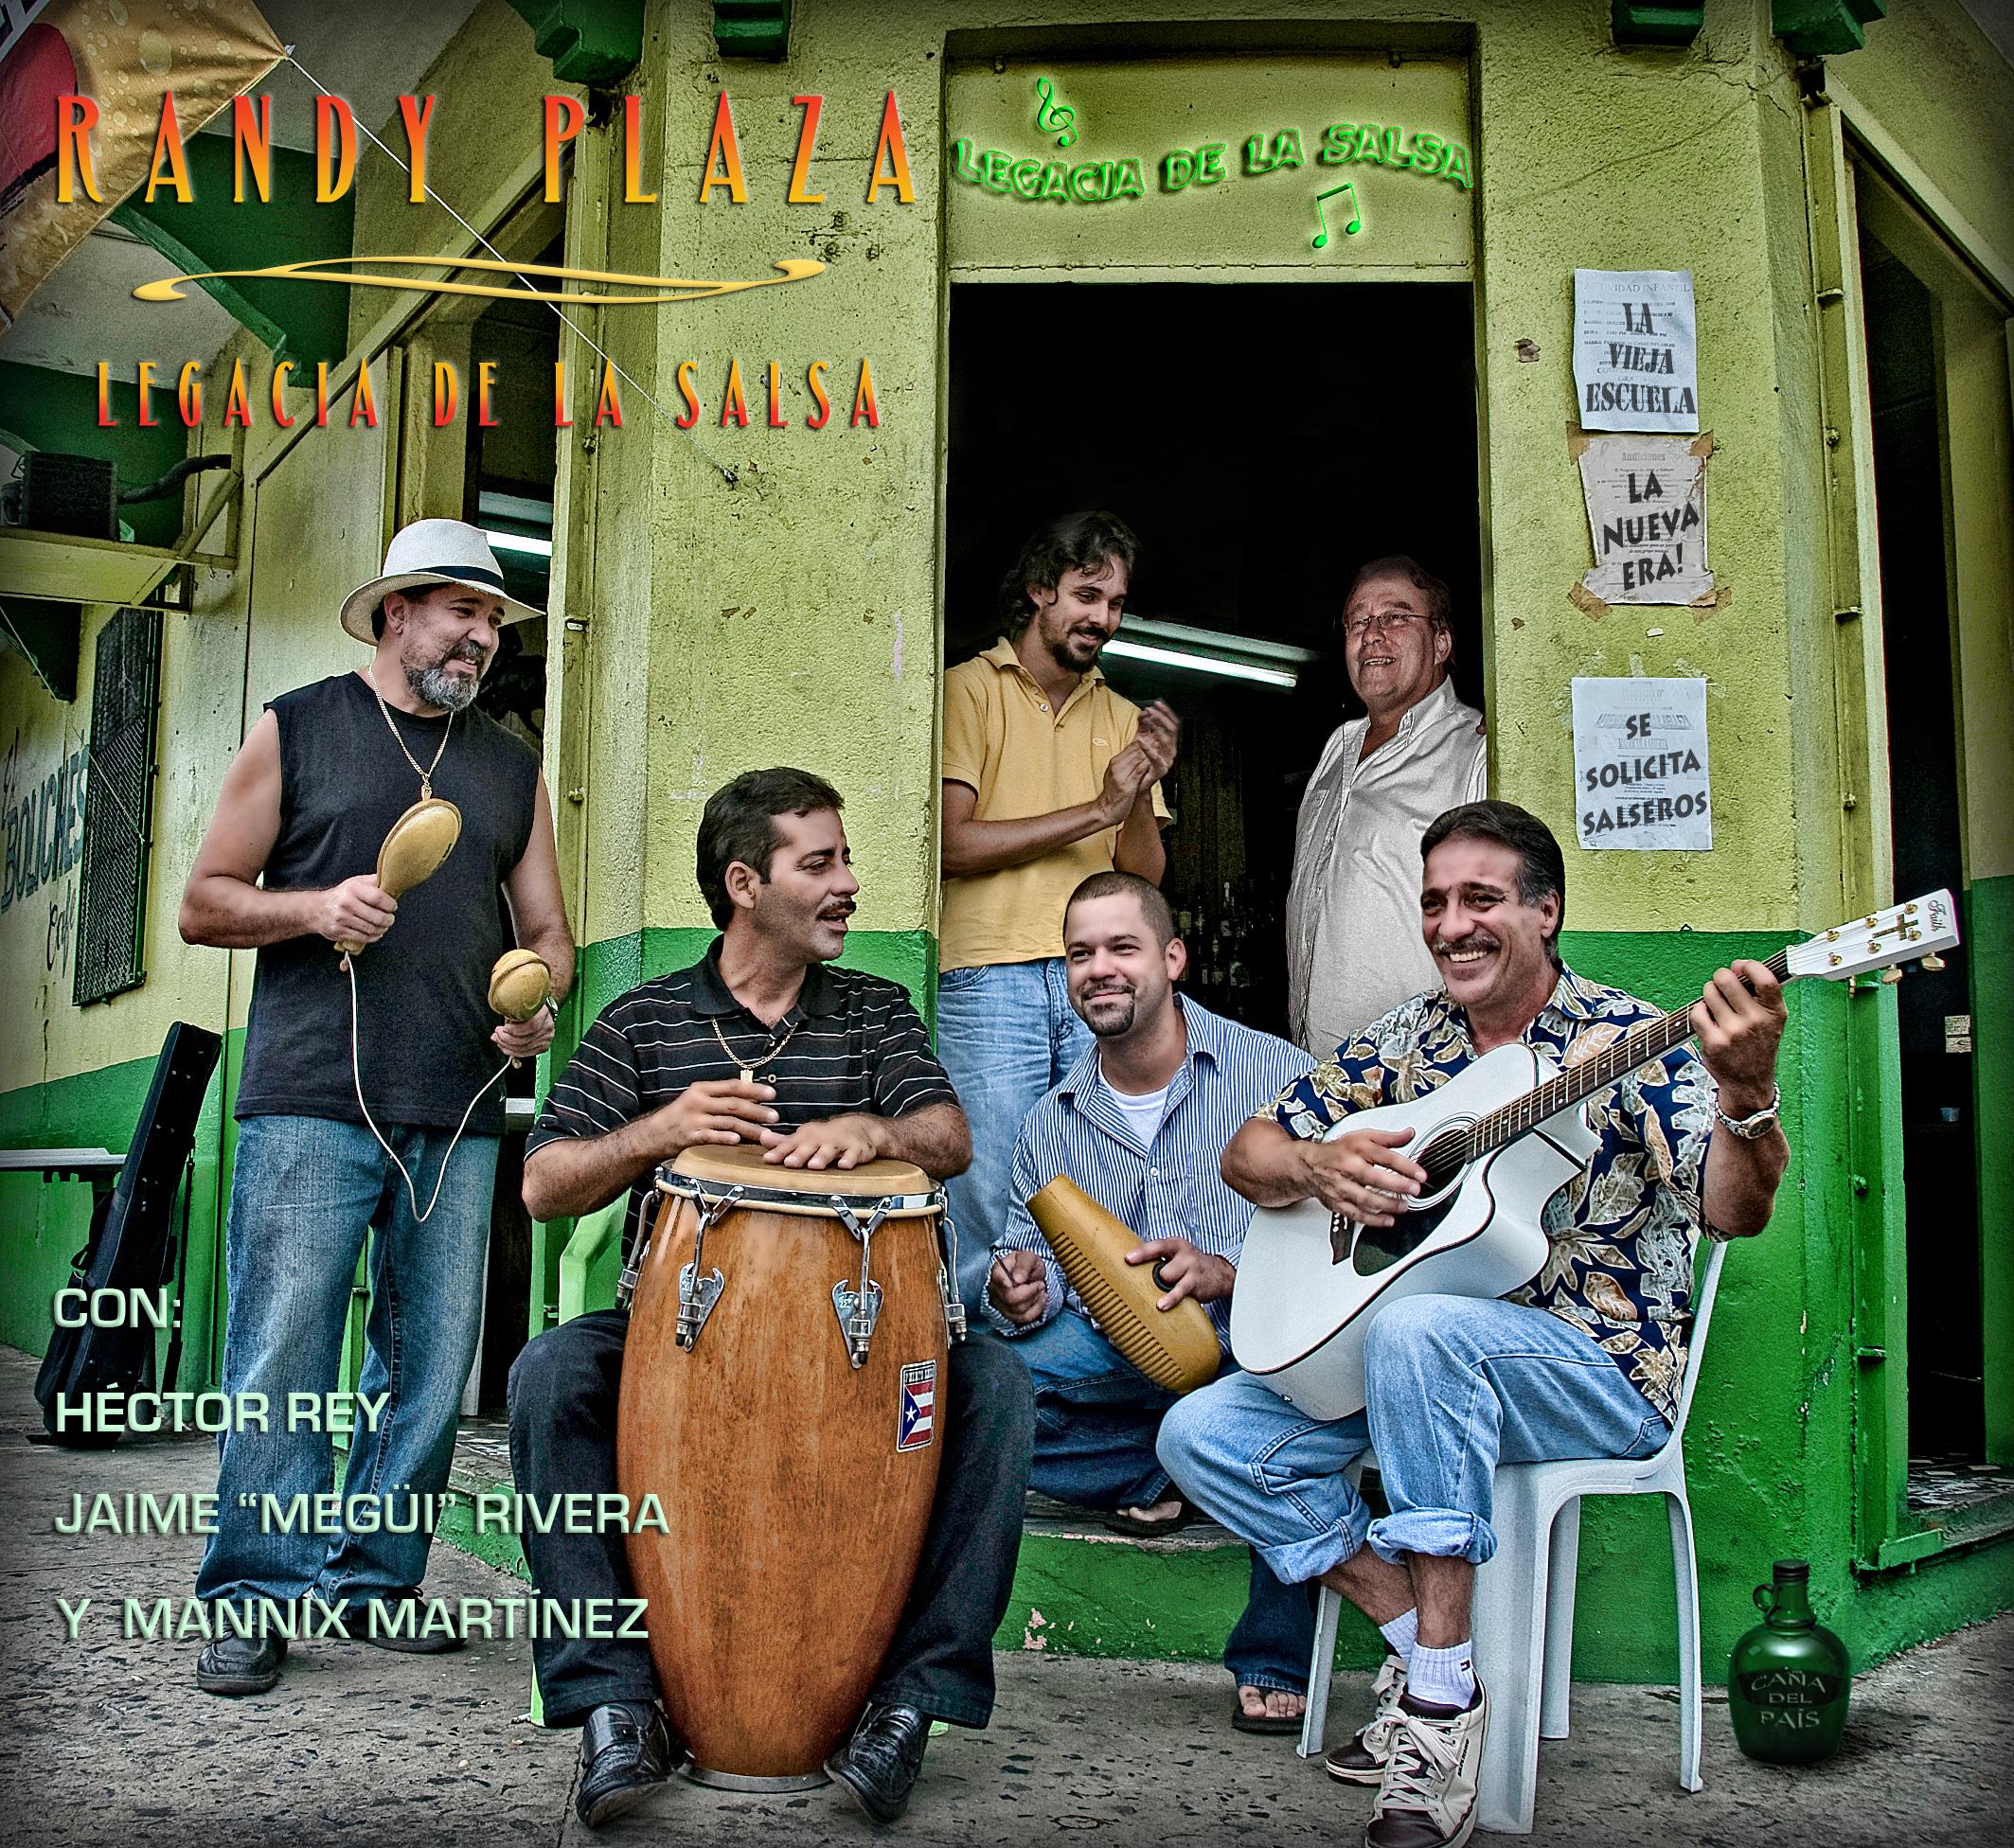 """Review: Randy Plaza y La Legacia De La Salsa """"Se Me Ha Metido En La Piel"""""""